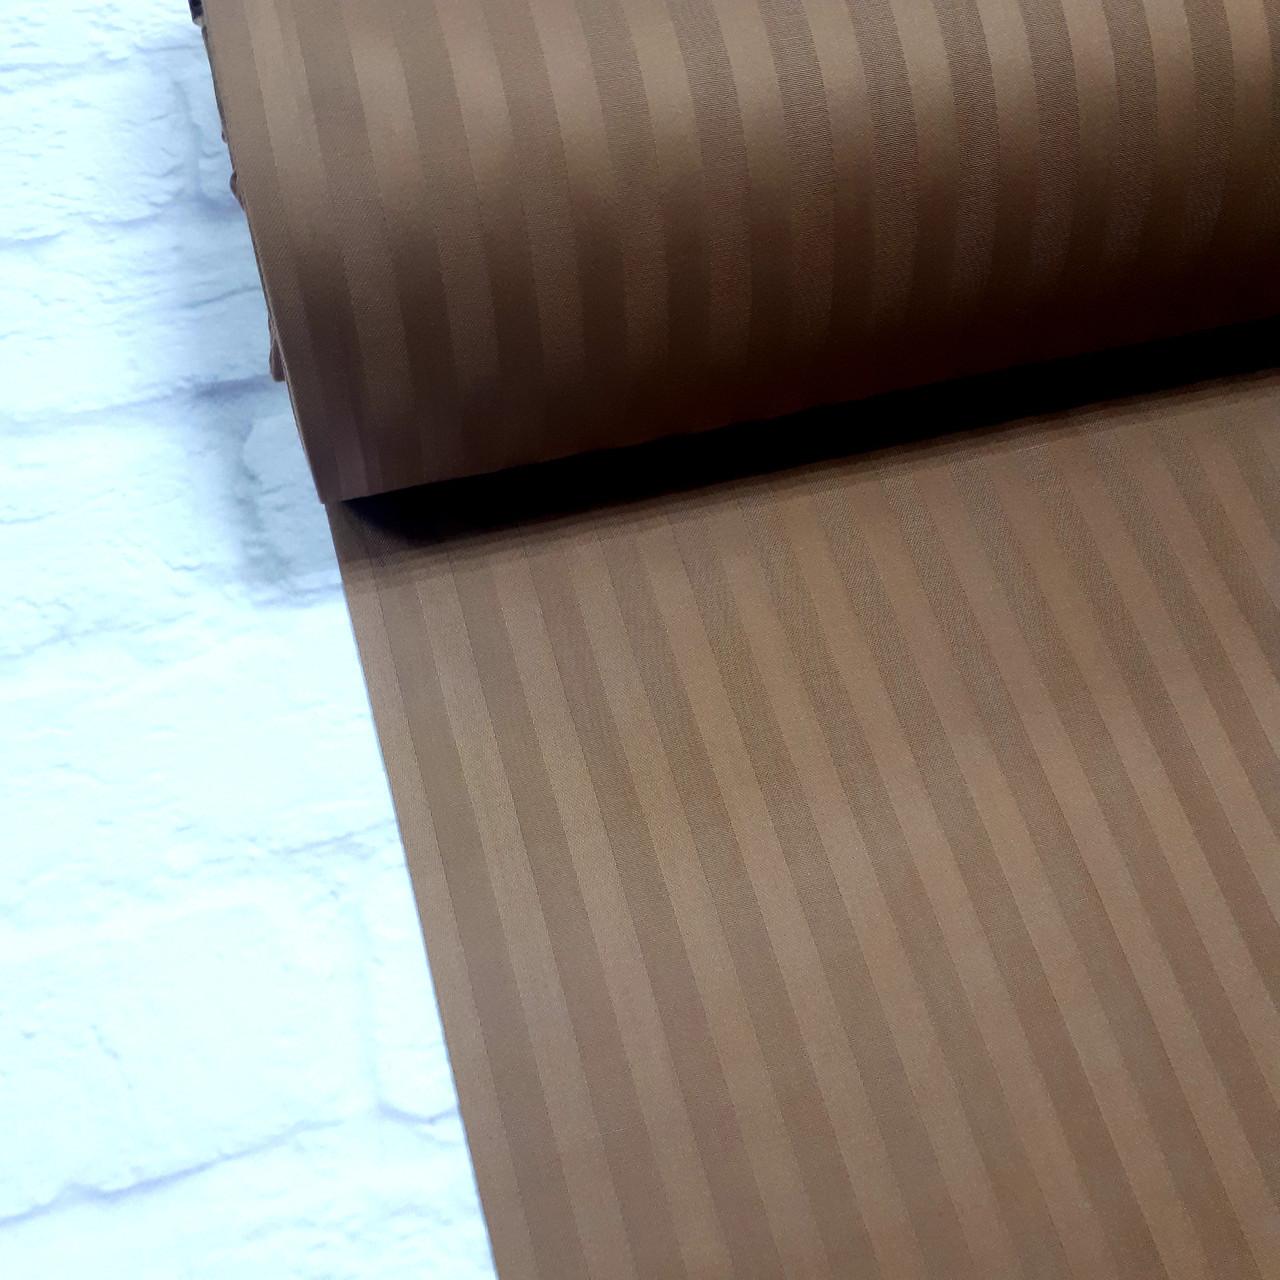 Сатин 100% хлопок  (ТУРЦИЯ) Stripes коричневый отрез (размер 0,9*2,4 м)